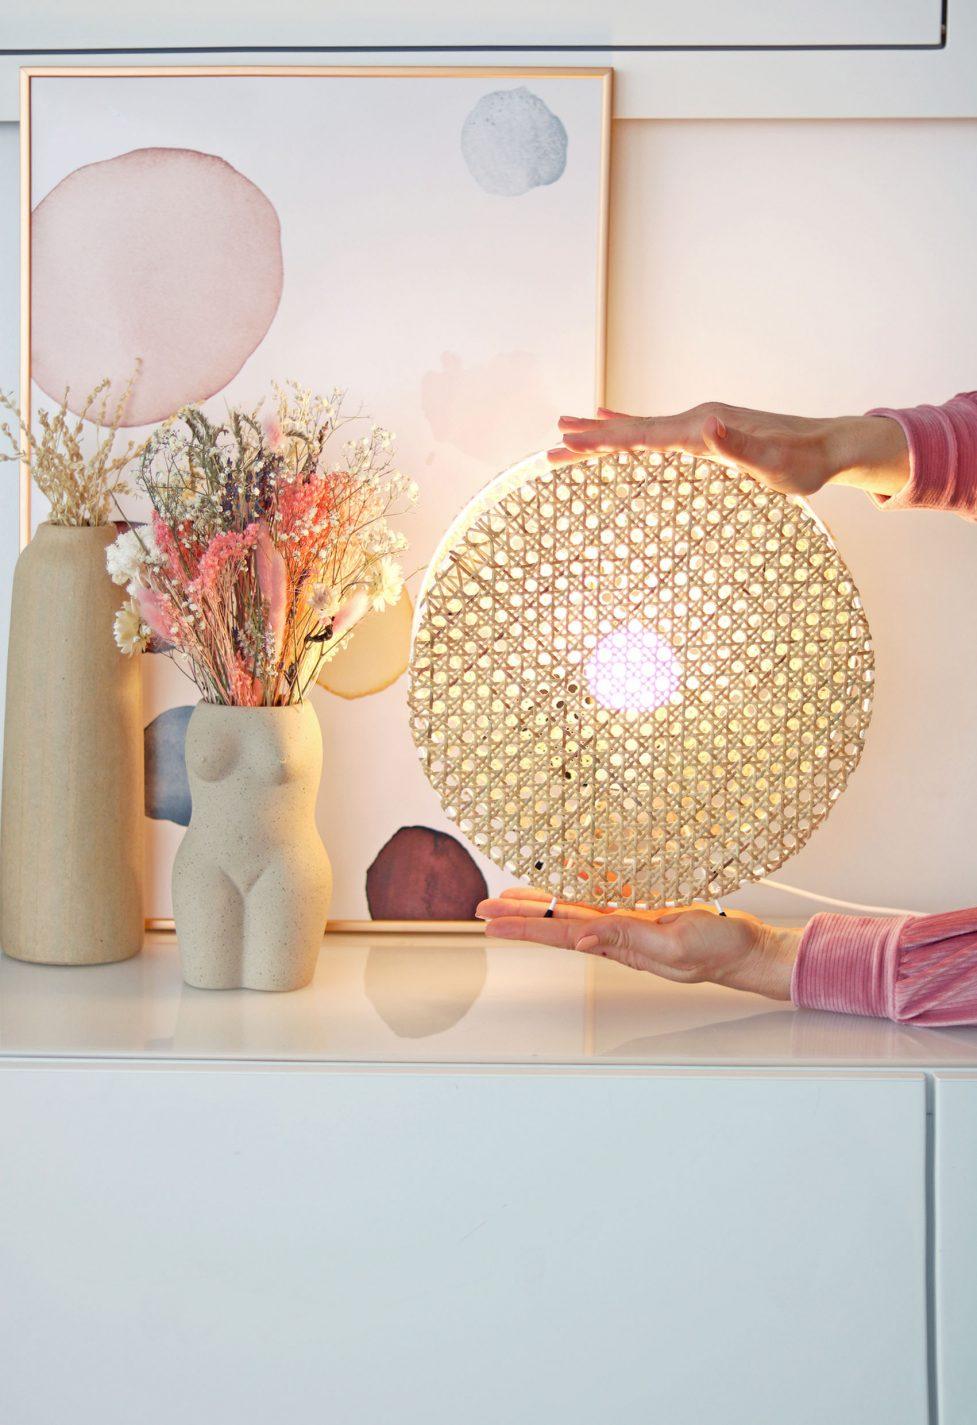 diy-lampe-cannage-facile-blog-artlex